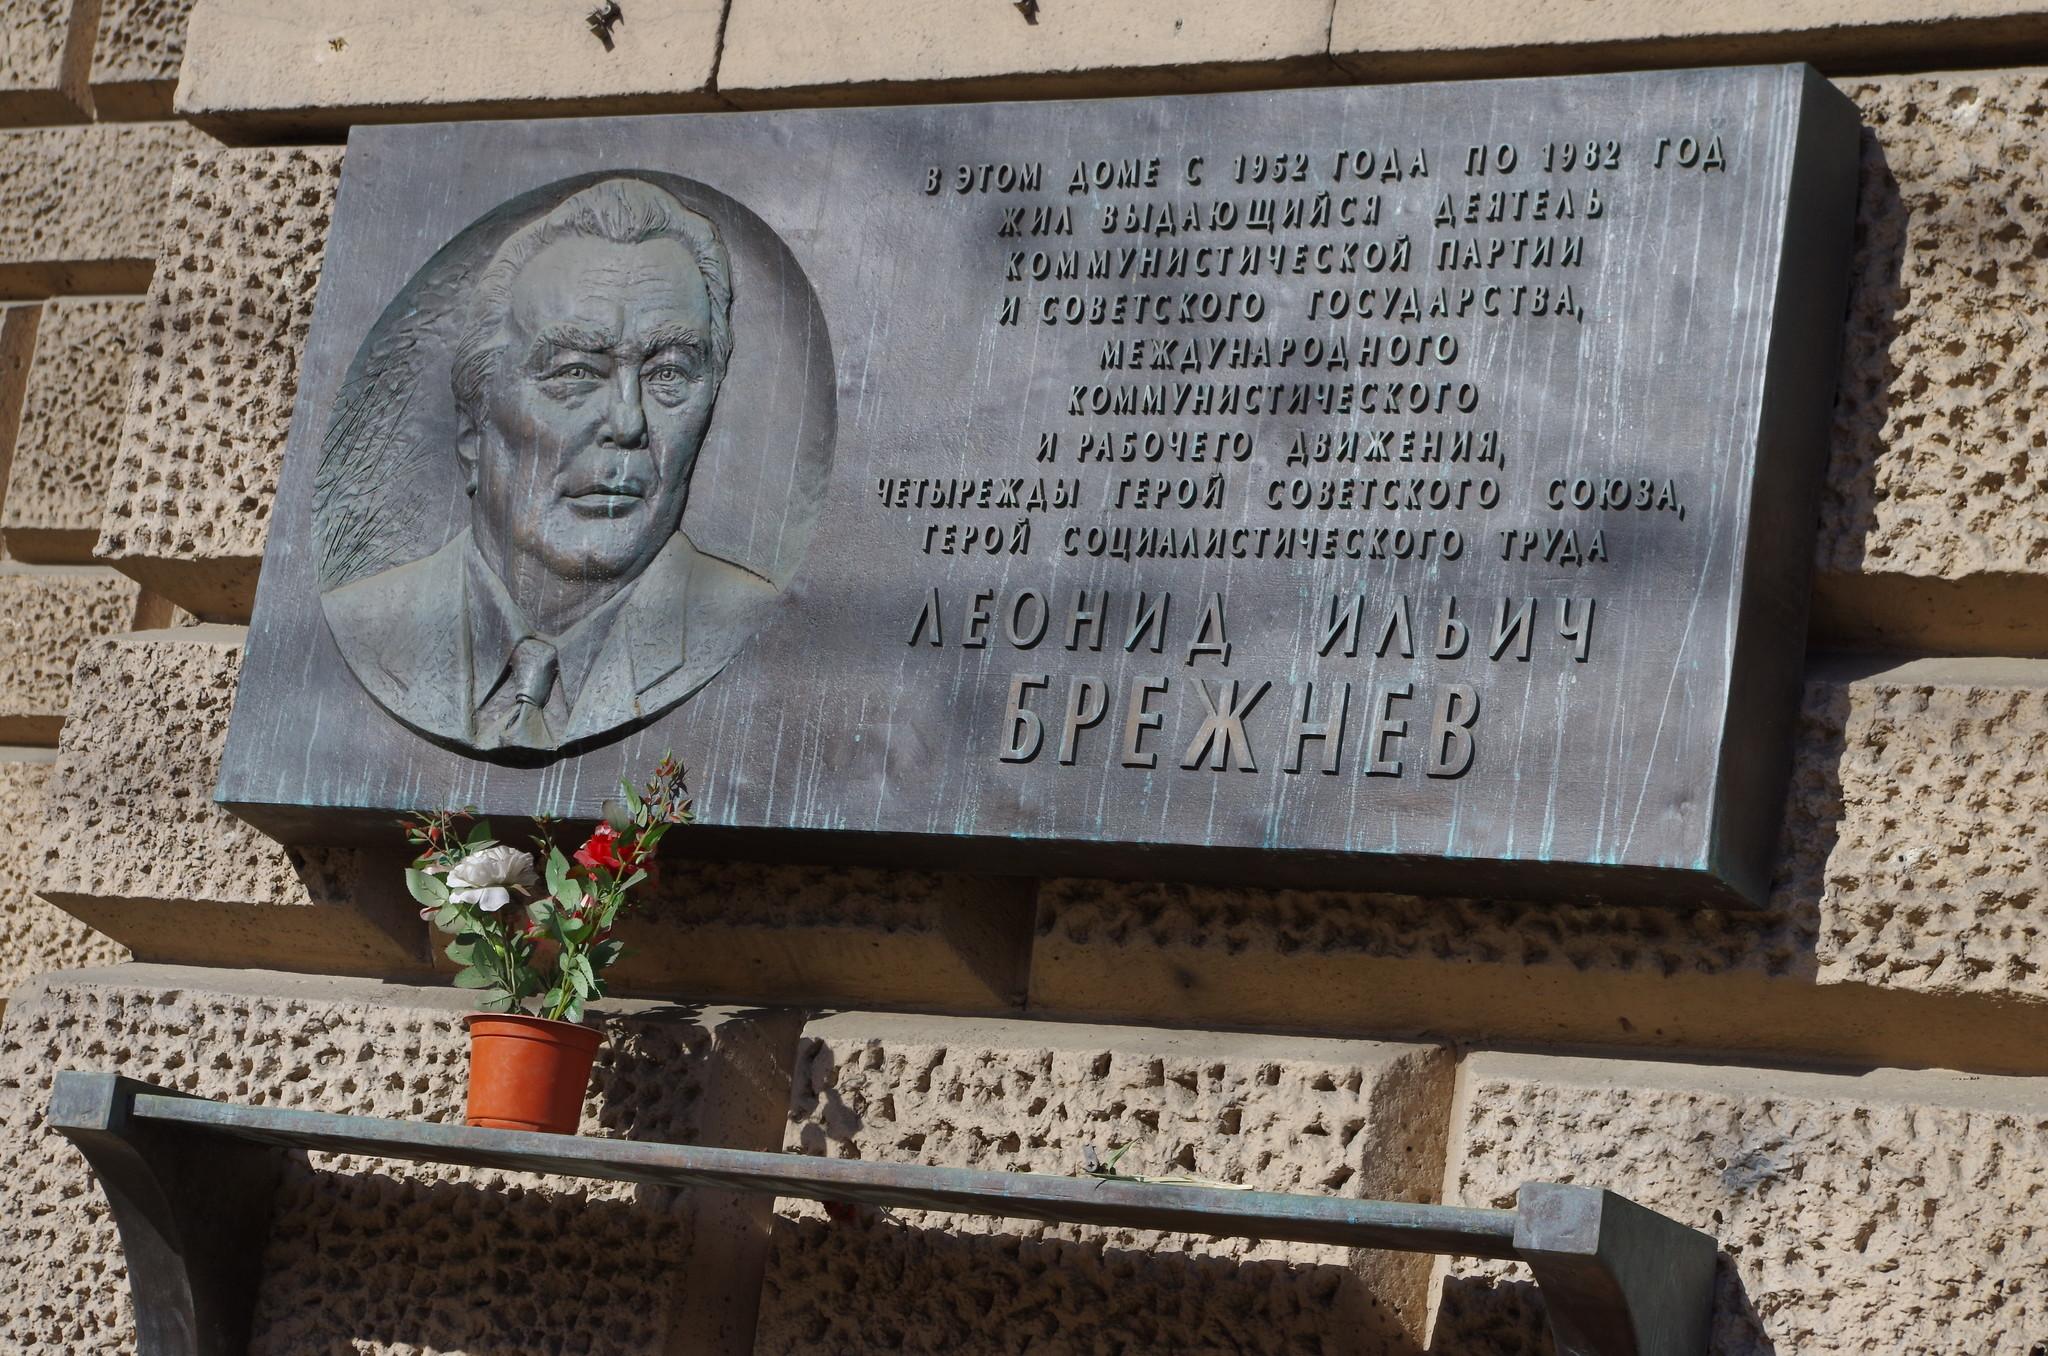 Мемориальная доска с портретом Генерального секретаря ЦК КПСС Леонида Ильича Брежнева